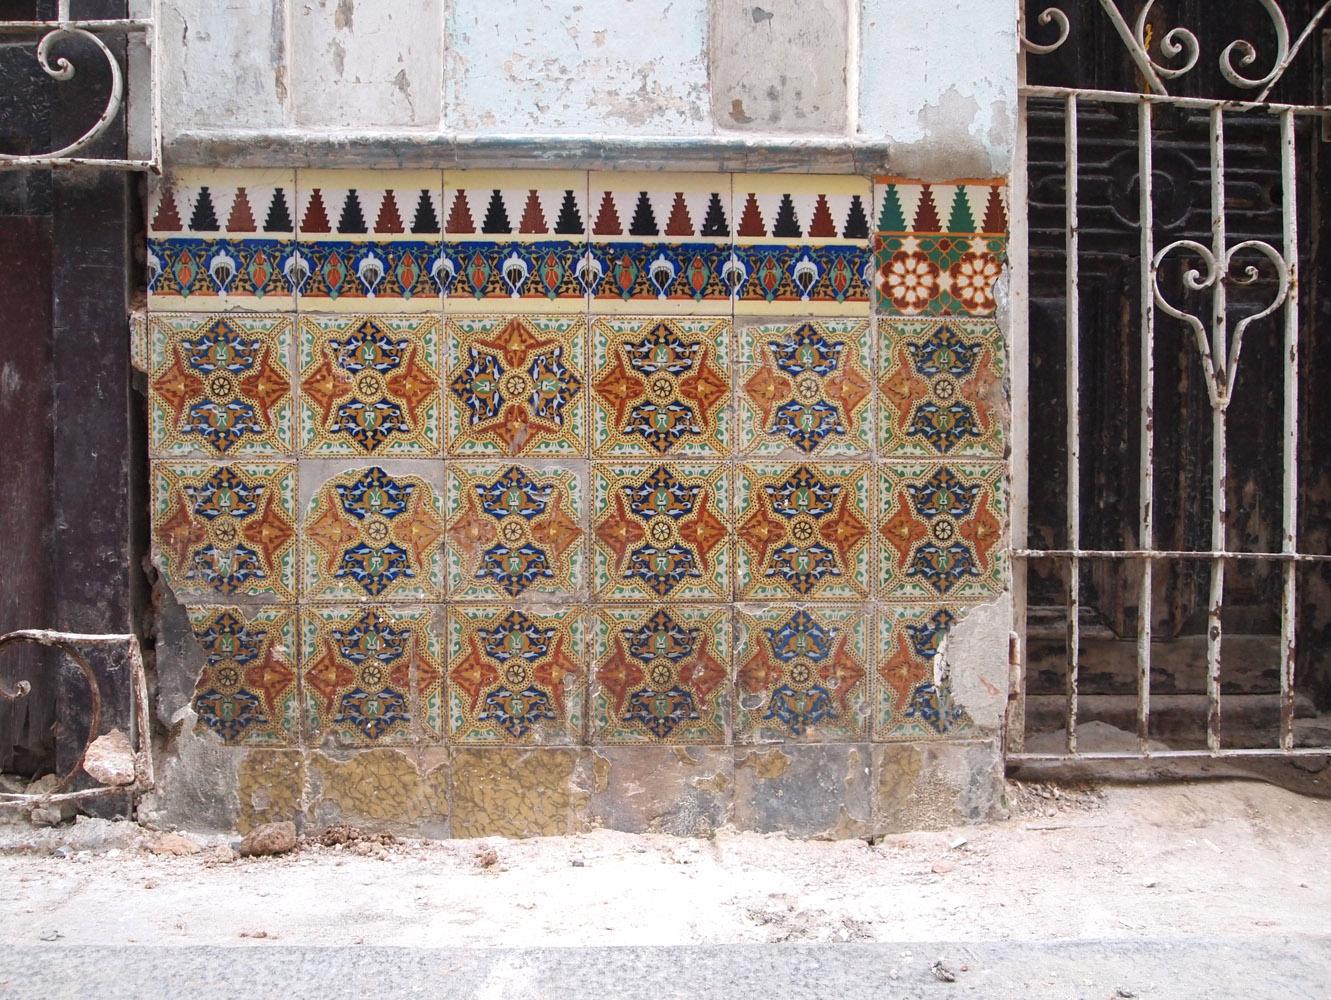 Cuba-Havana-Street-Tile-Pattern.jpg